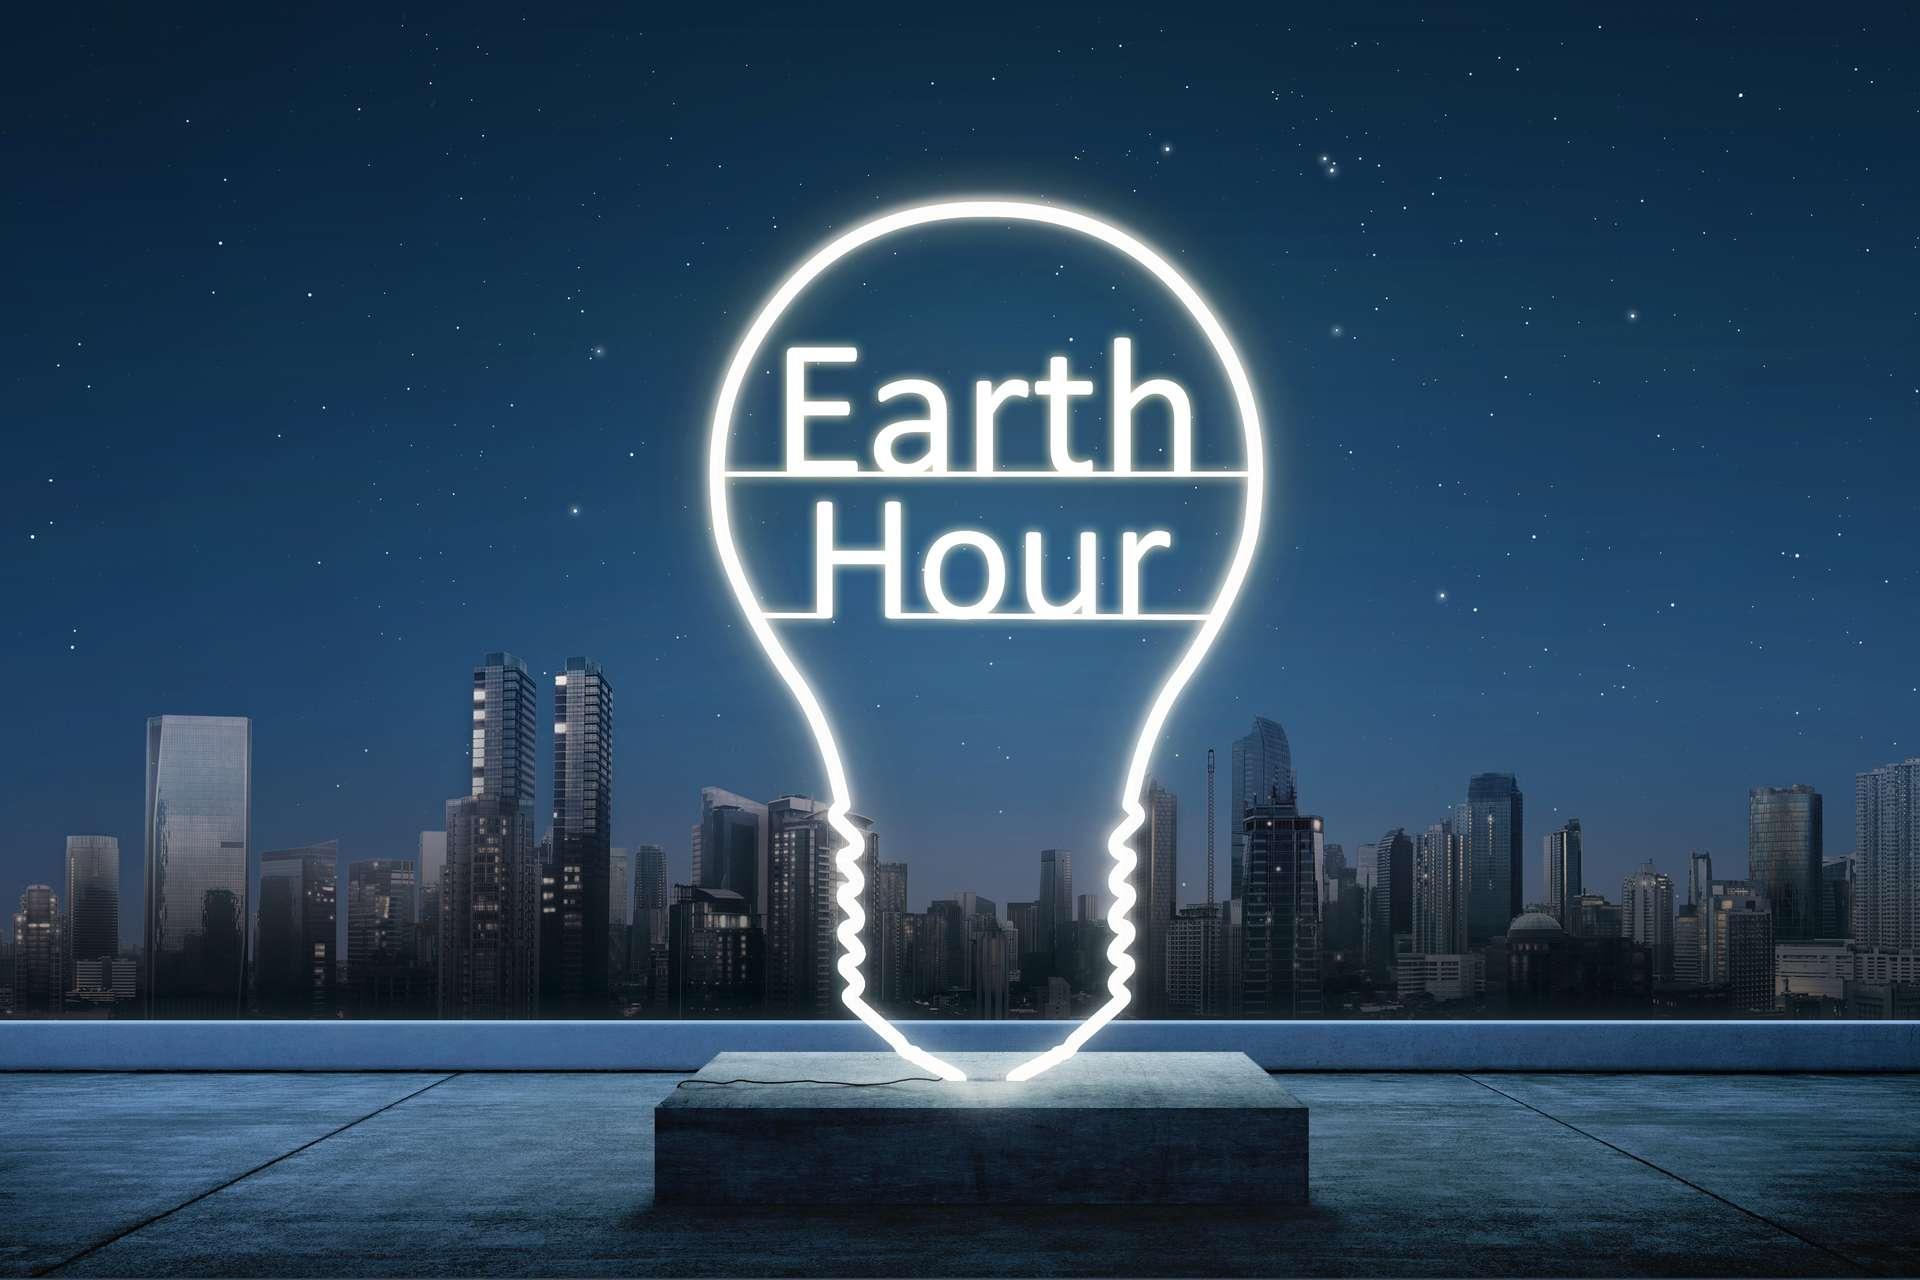 Samedi 28 mars, le WWF invite chaque citoyen du monde à éteindre ses lumières durant une heure. © AmySachar, Adobe Stock